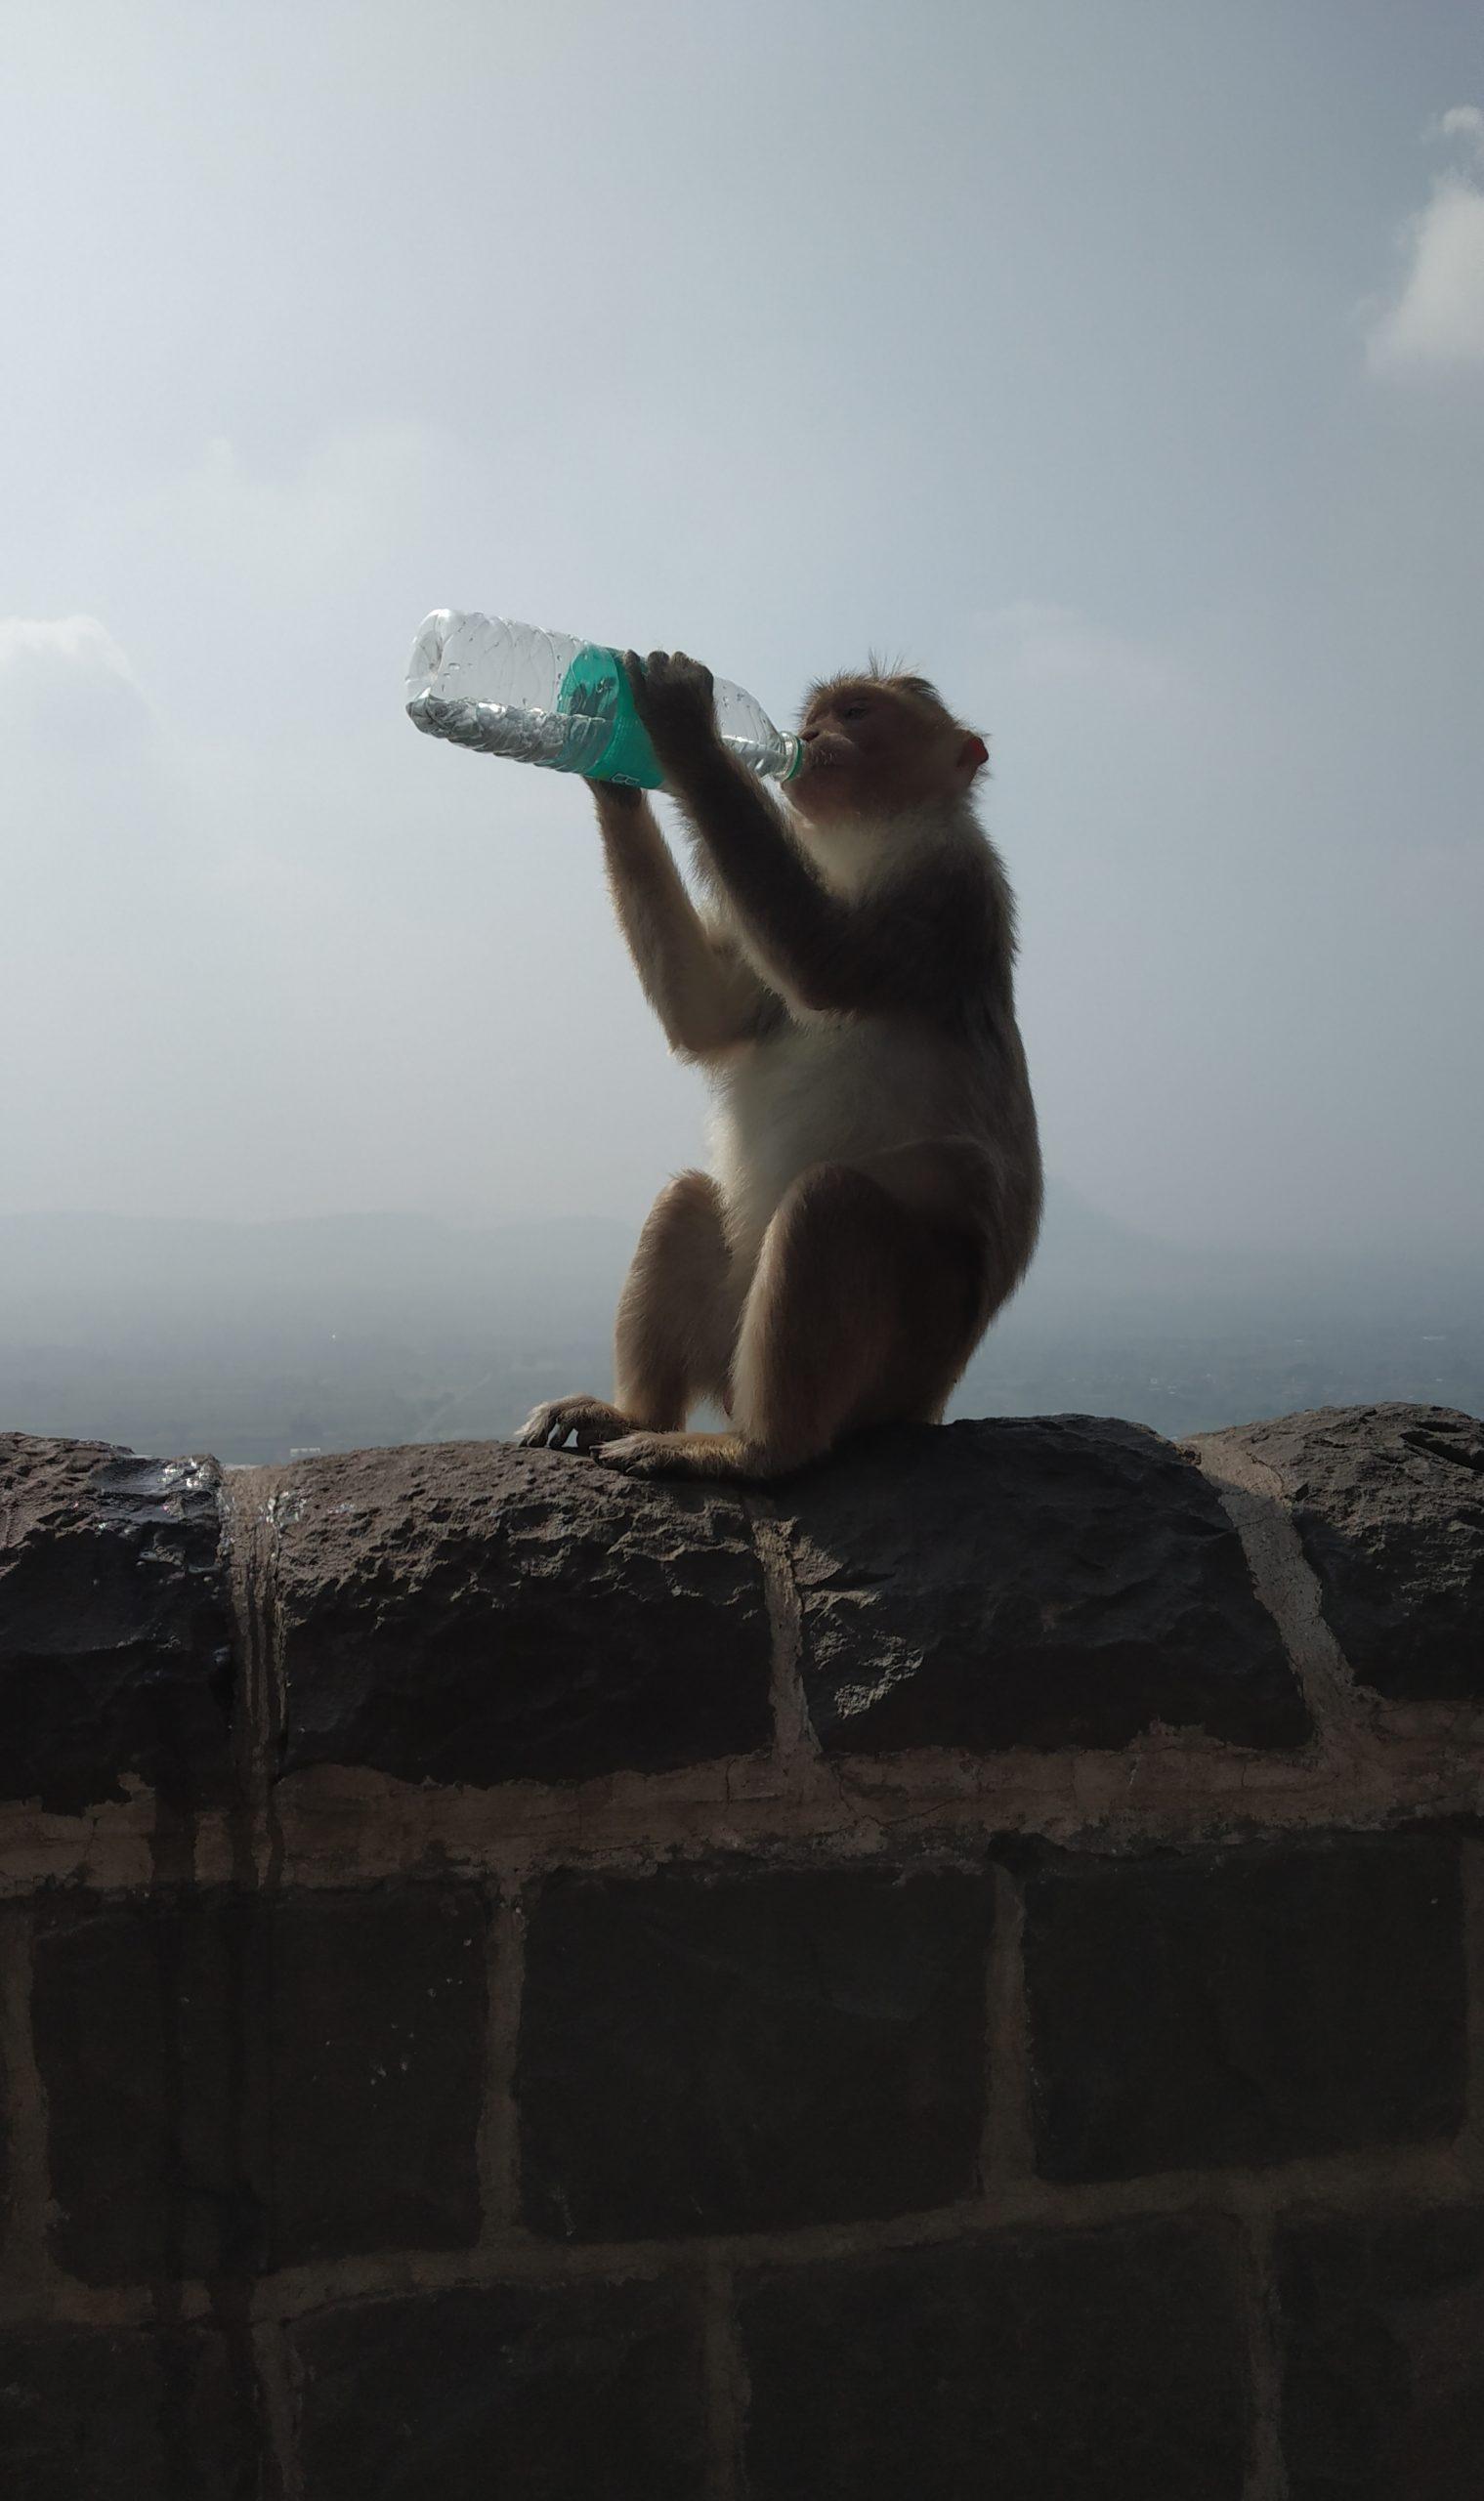 A monkey drinking water